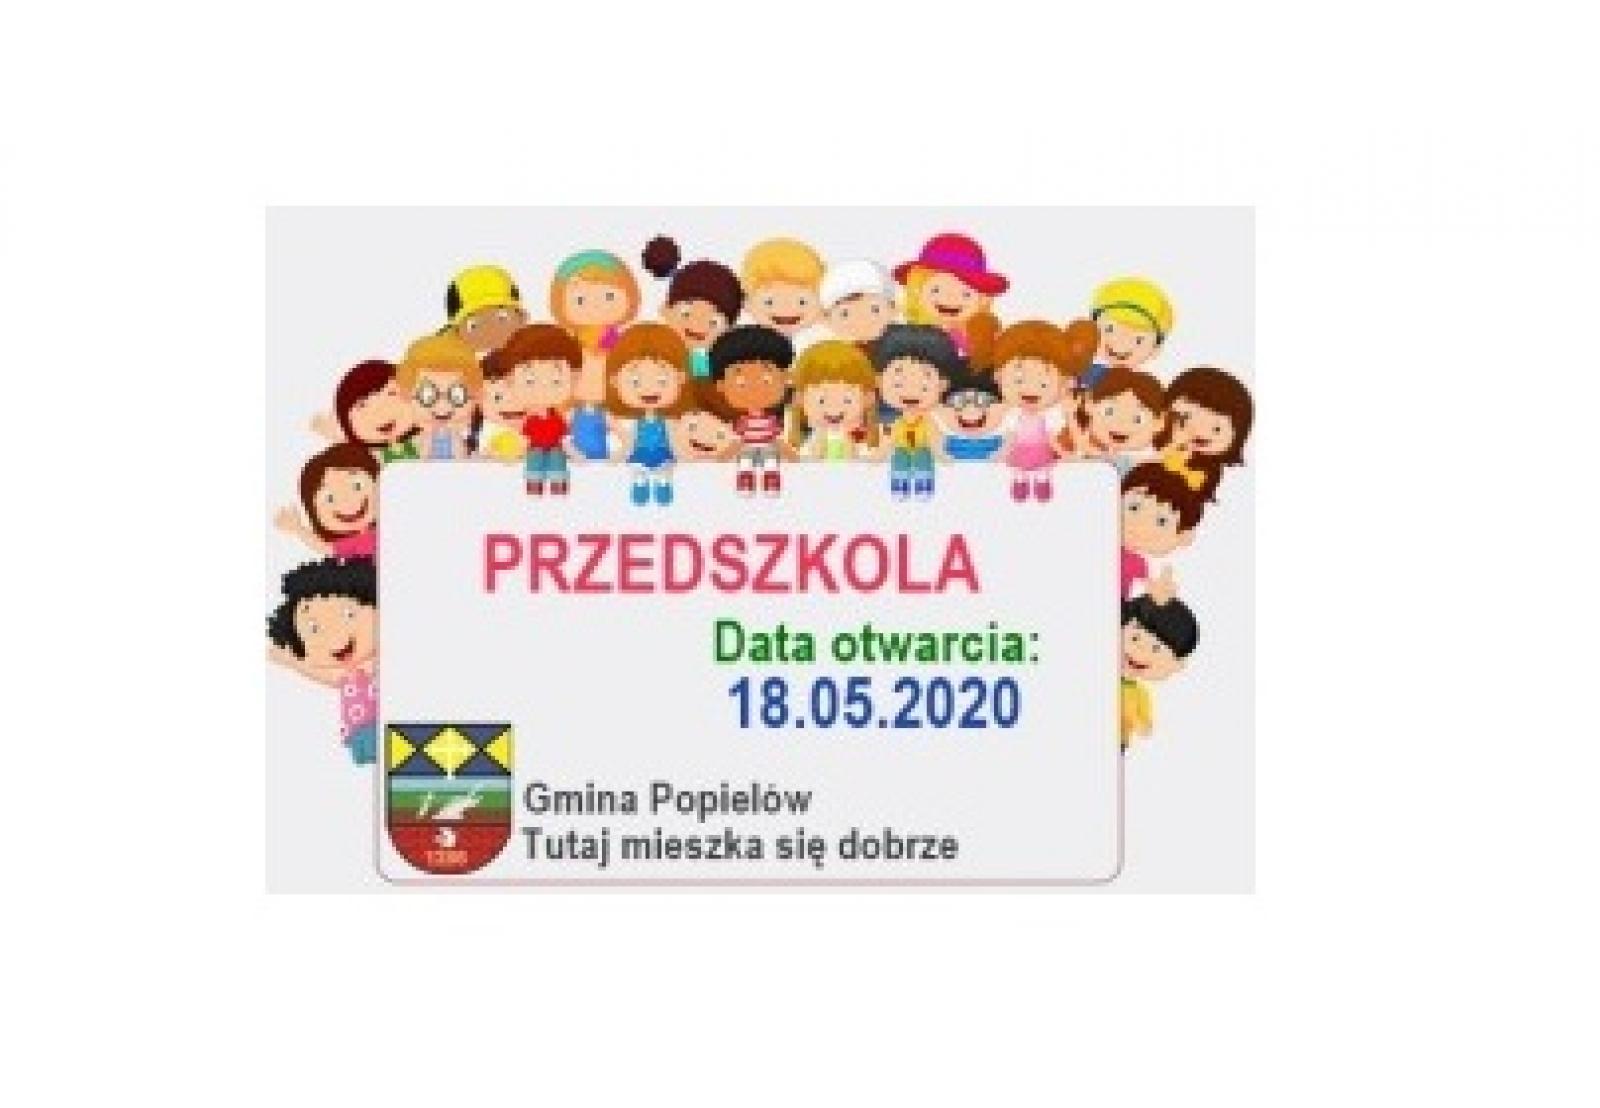 Informacja nt. znoszenia w gminie Popielów ograniczeń nałożonych w związku z epidemią koronawirusa - otwarcie przedszkoli na terenie gminy Popielów